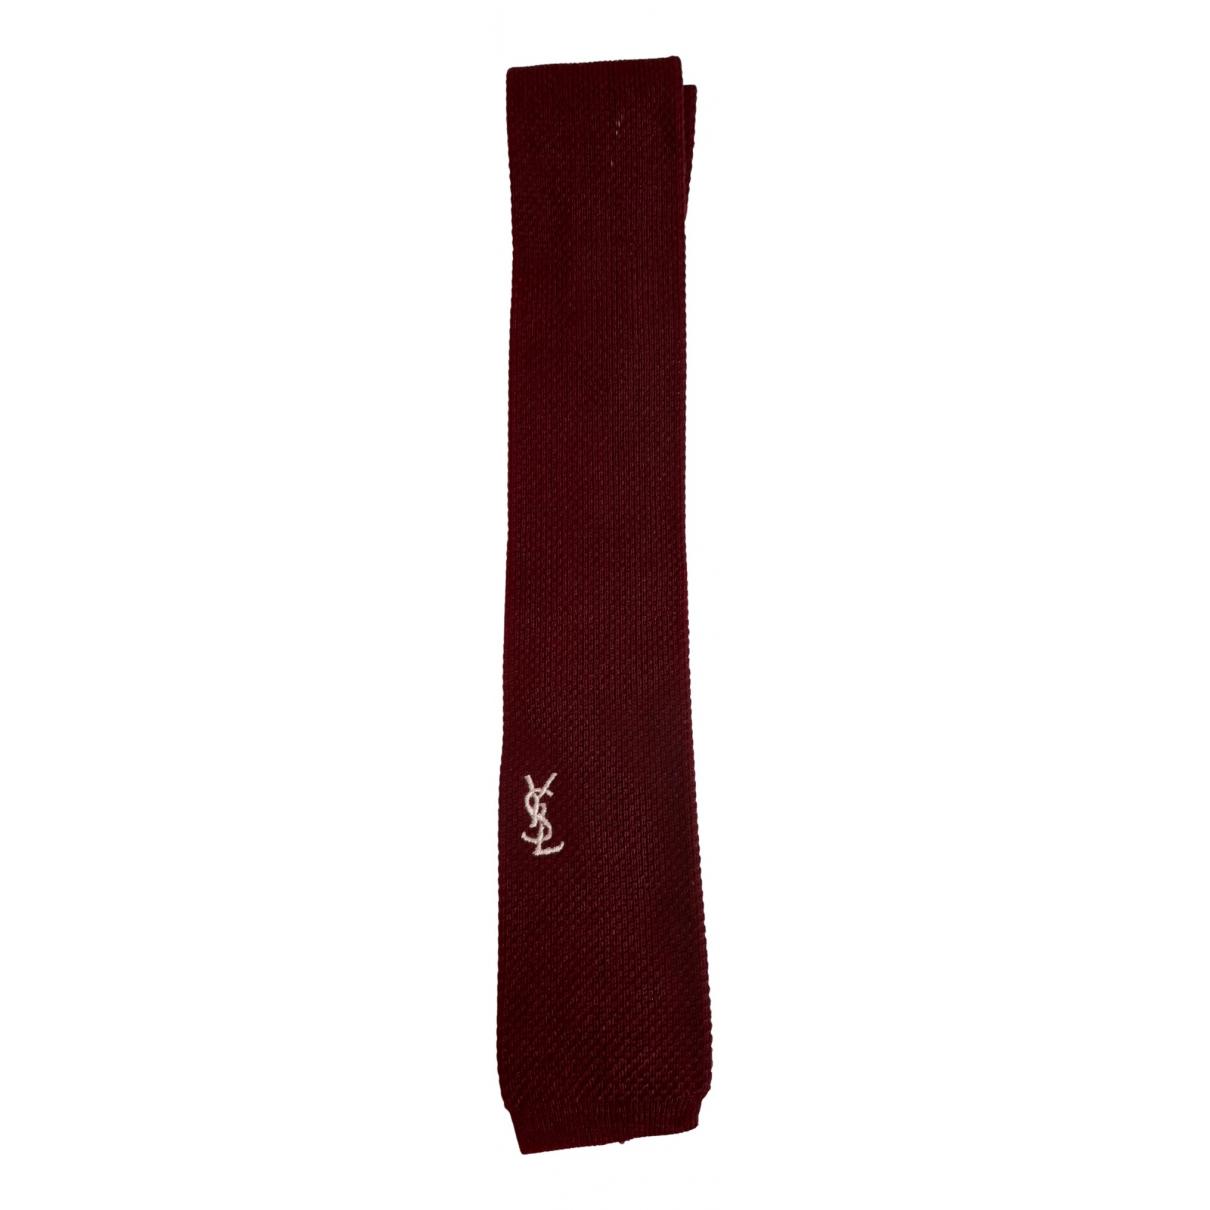 Yves Saint Laurent - Cravates   pour homme en coton - bordeaux